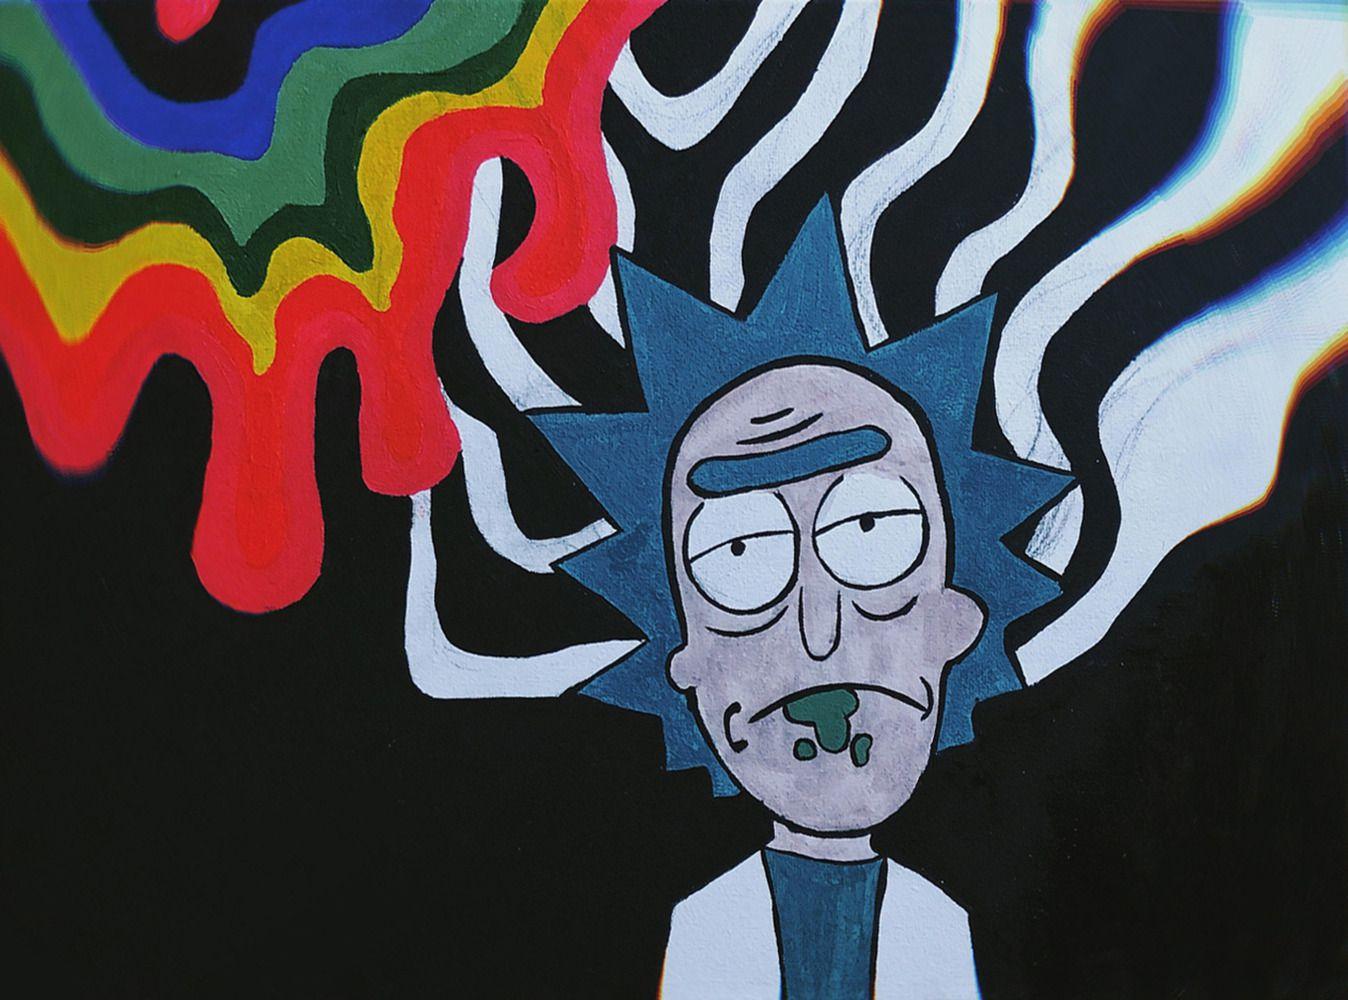 Drug Morty